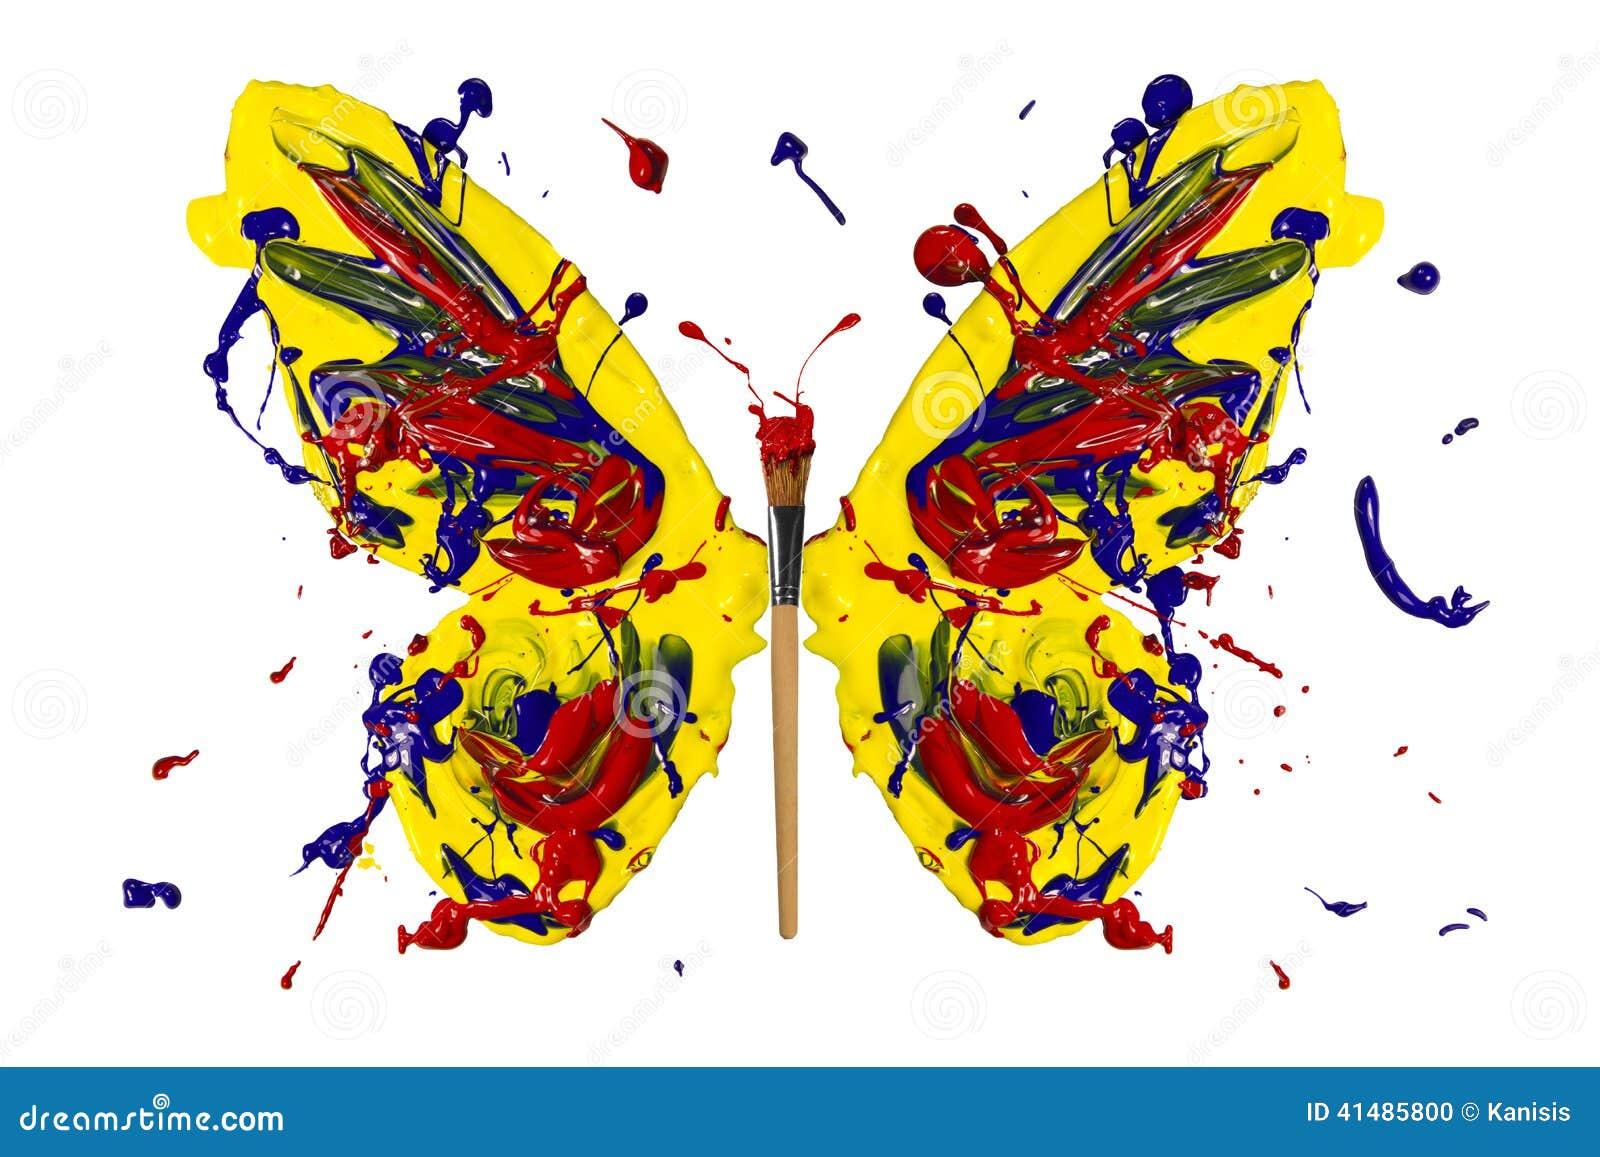 la peinture jaune de rouge bleu a fait le papillon illustration stock illustration du image. Black Bedroom Furniture Sets. Home Design Ideas